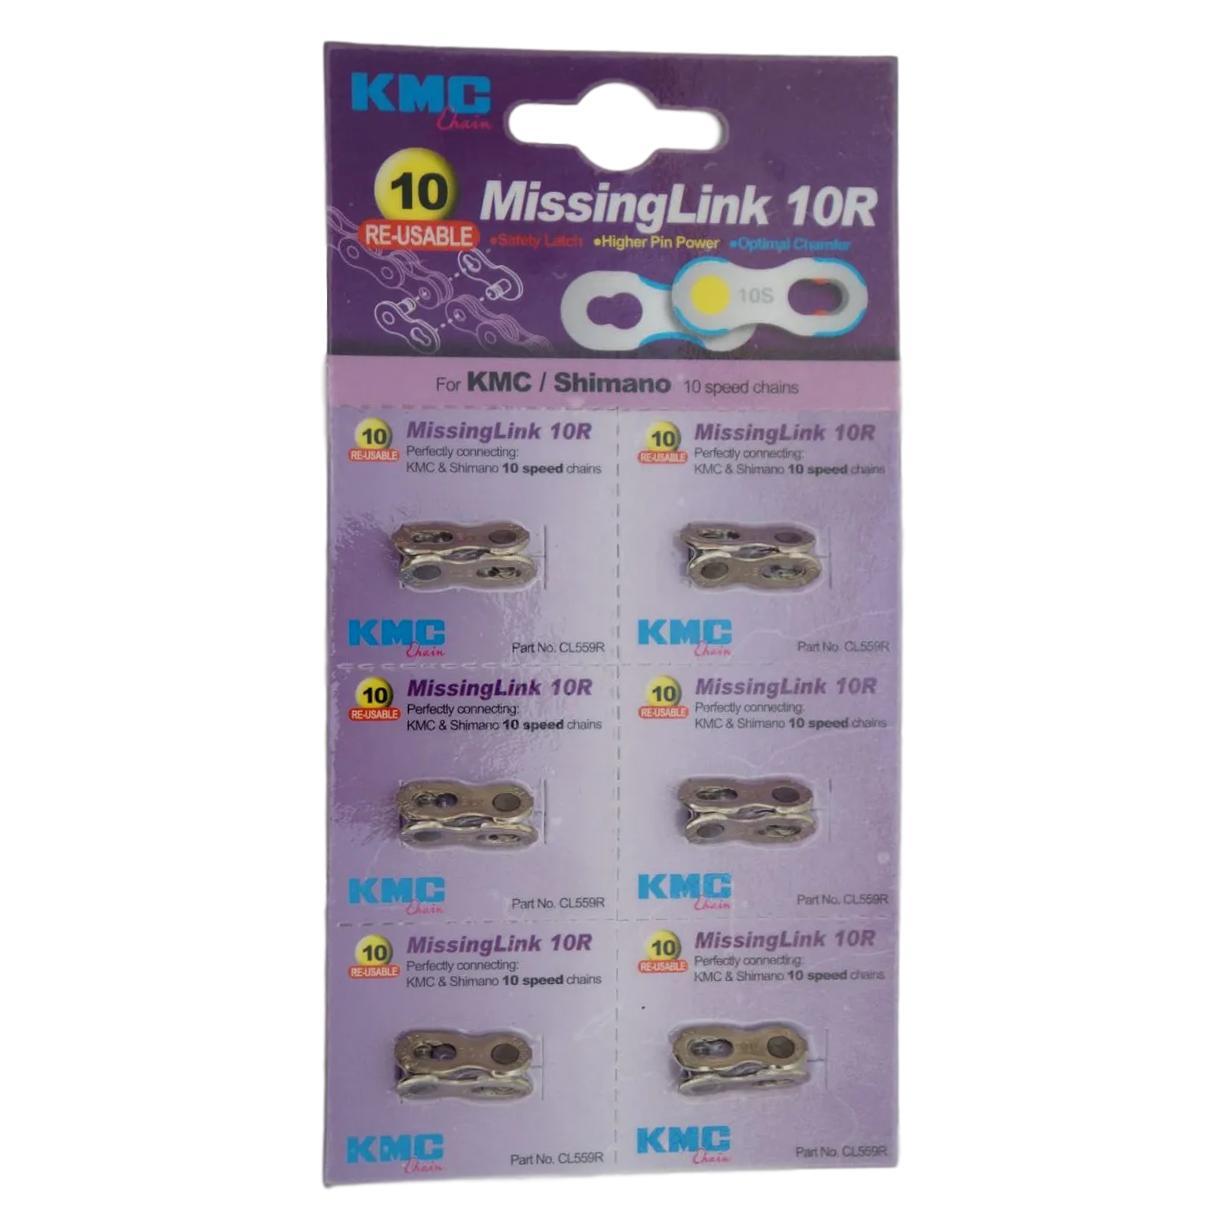 Elo mestre Missing Link KMC powerlink corrente 10v com 6 unidades